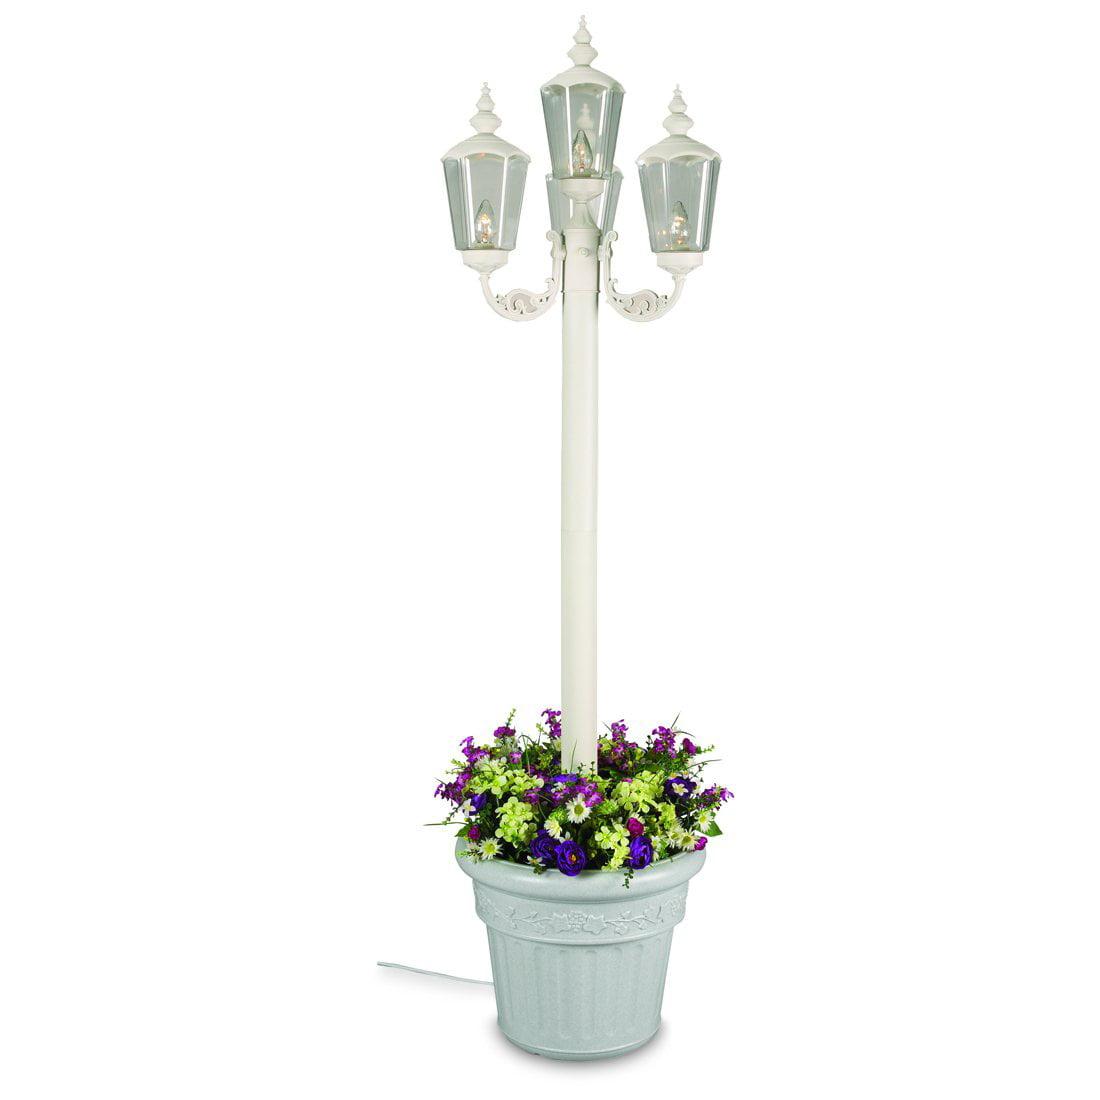 Patio Living Concepts Cambridge 00431 85 Inch Four Lantern Planter - Park Style